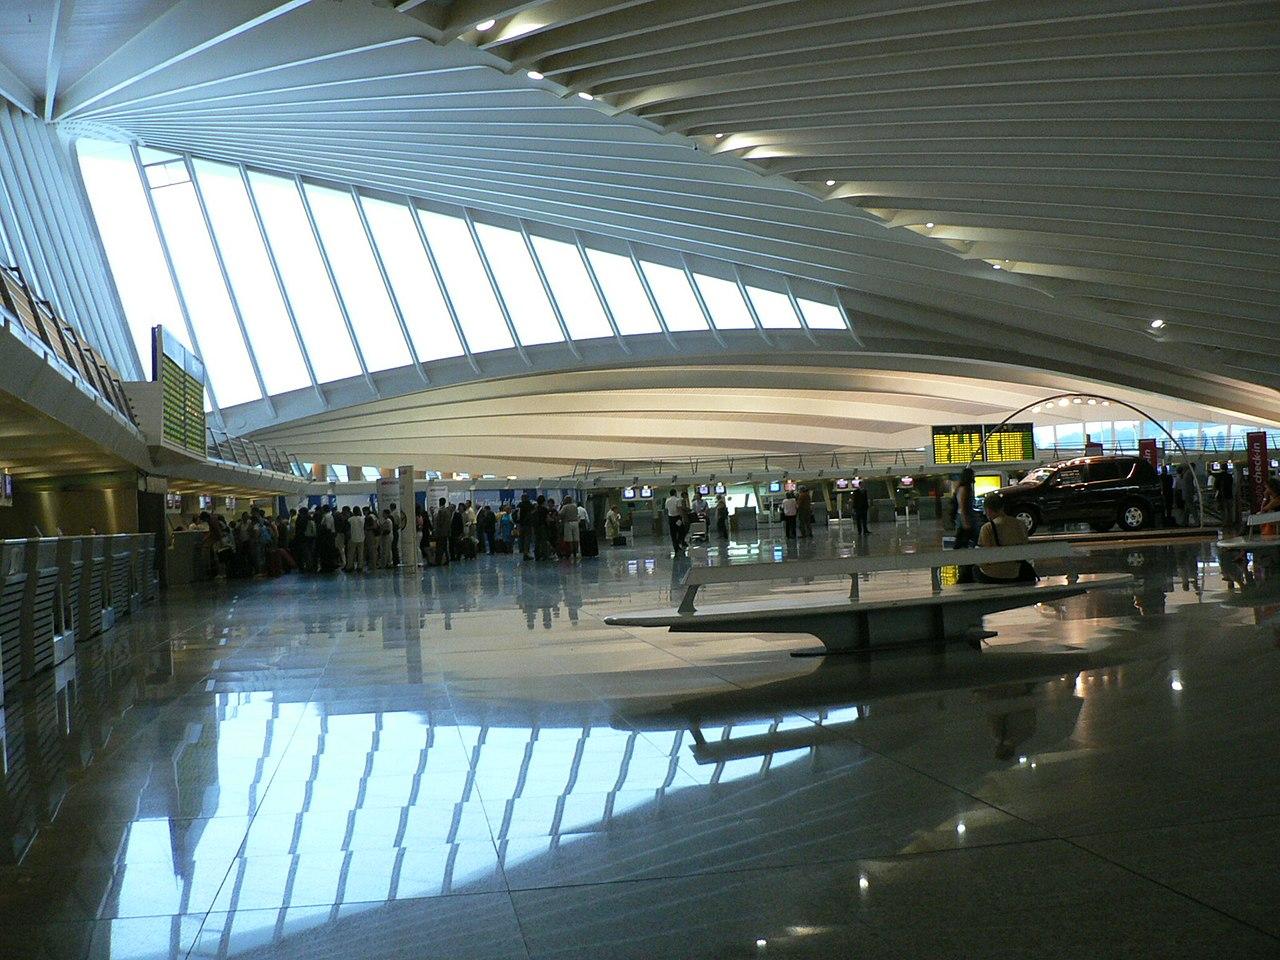 Bilbao Airport Hertz Car Rental